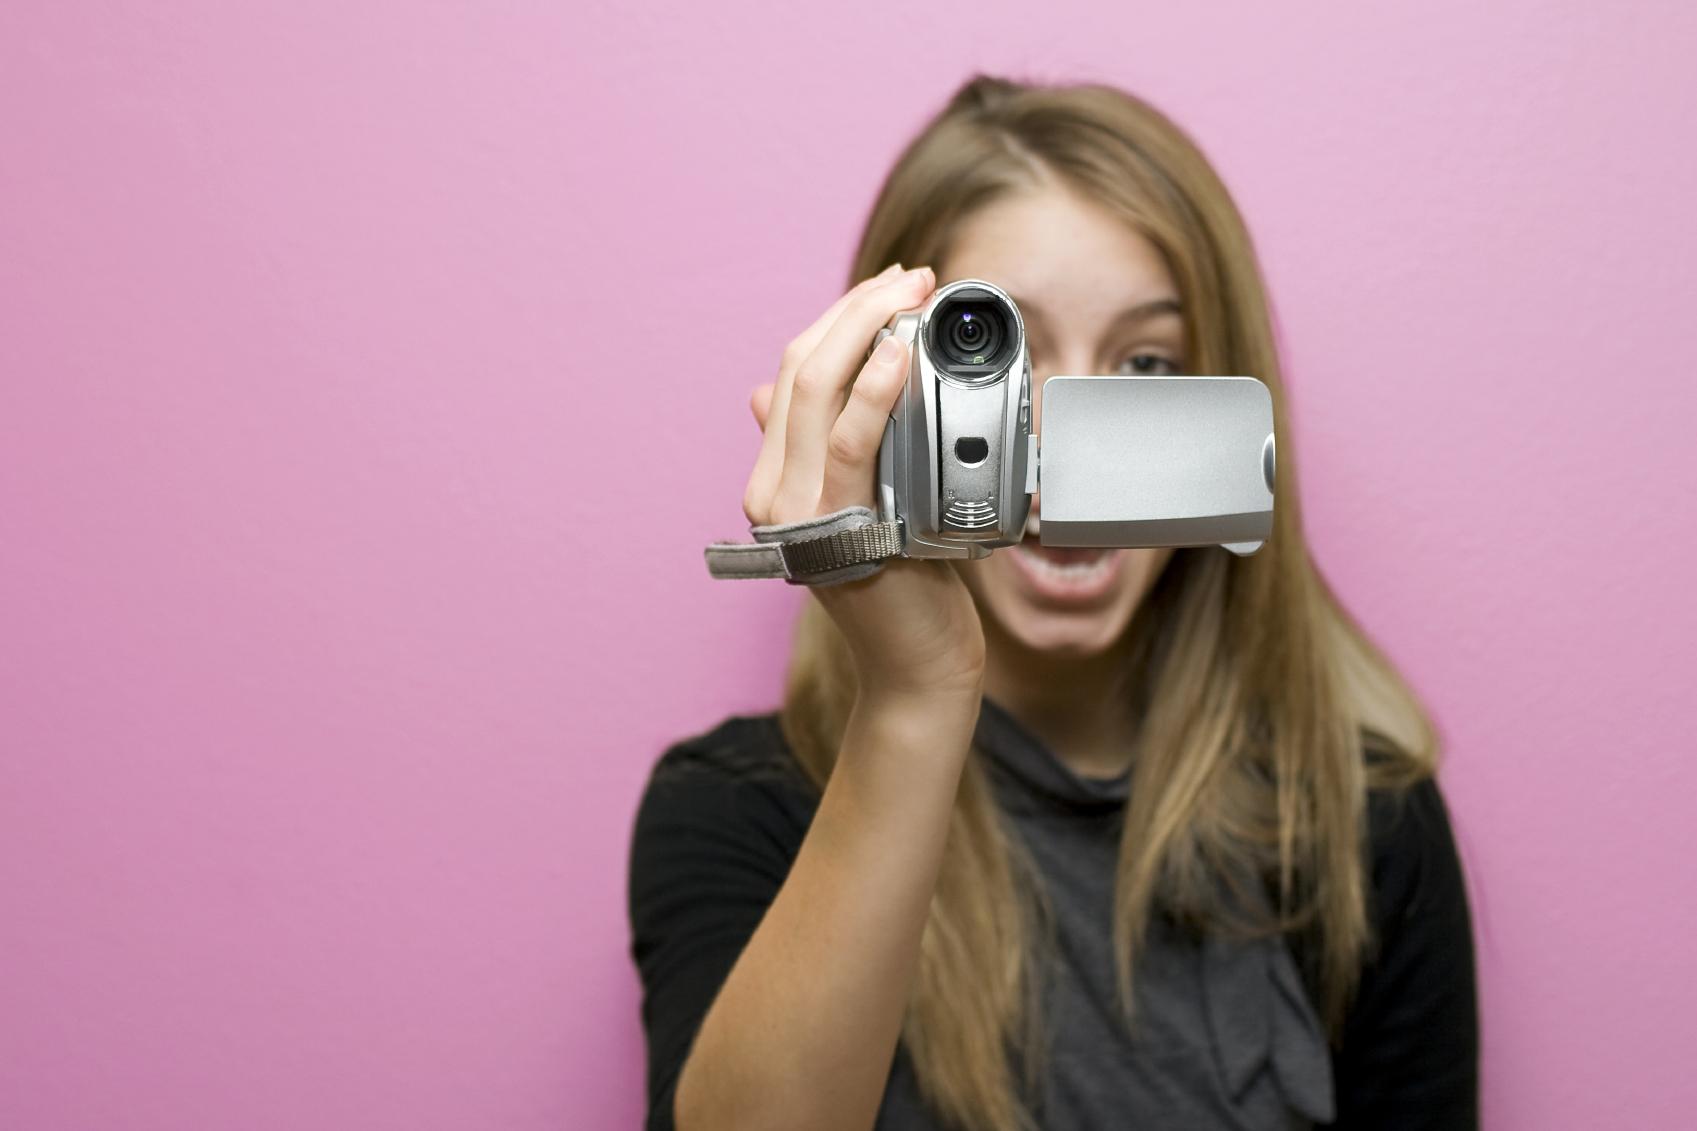 El poder de los vídeo reviews: la evolución de los comentarios